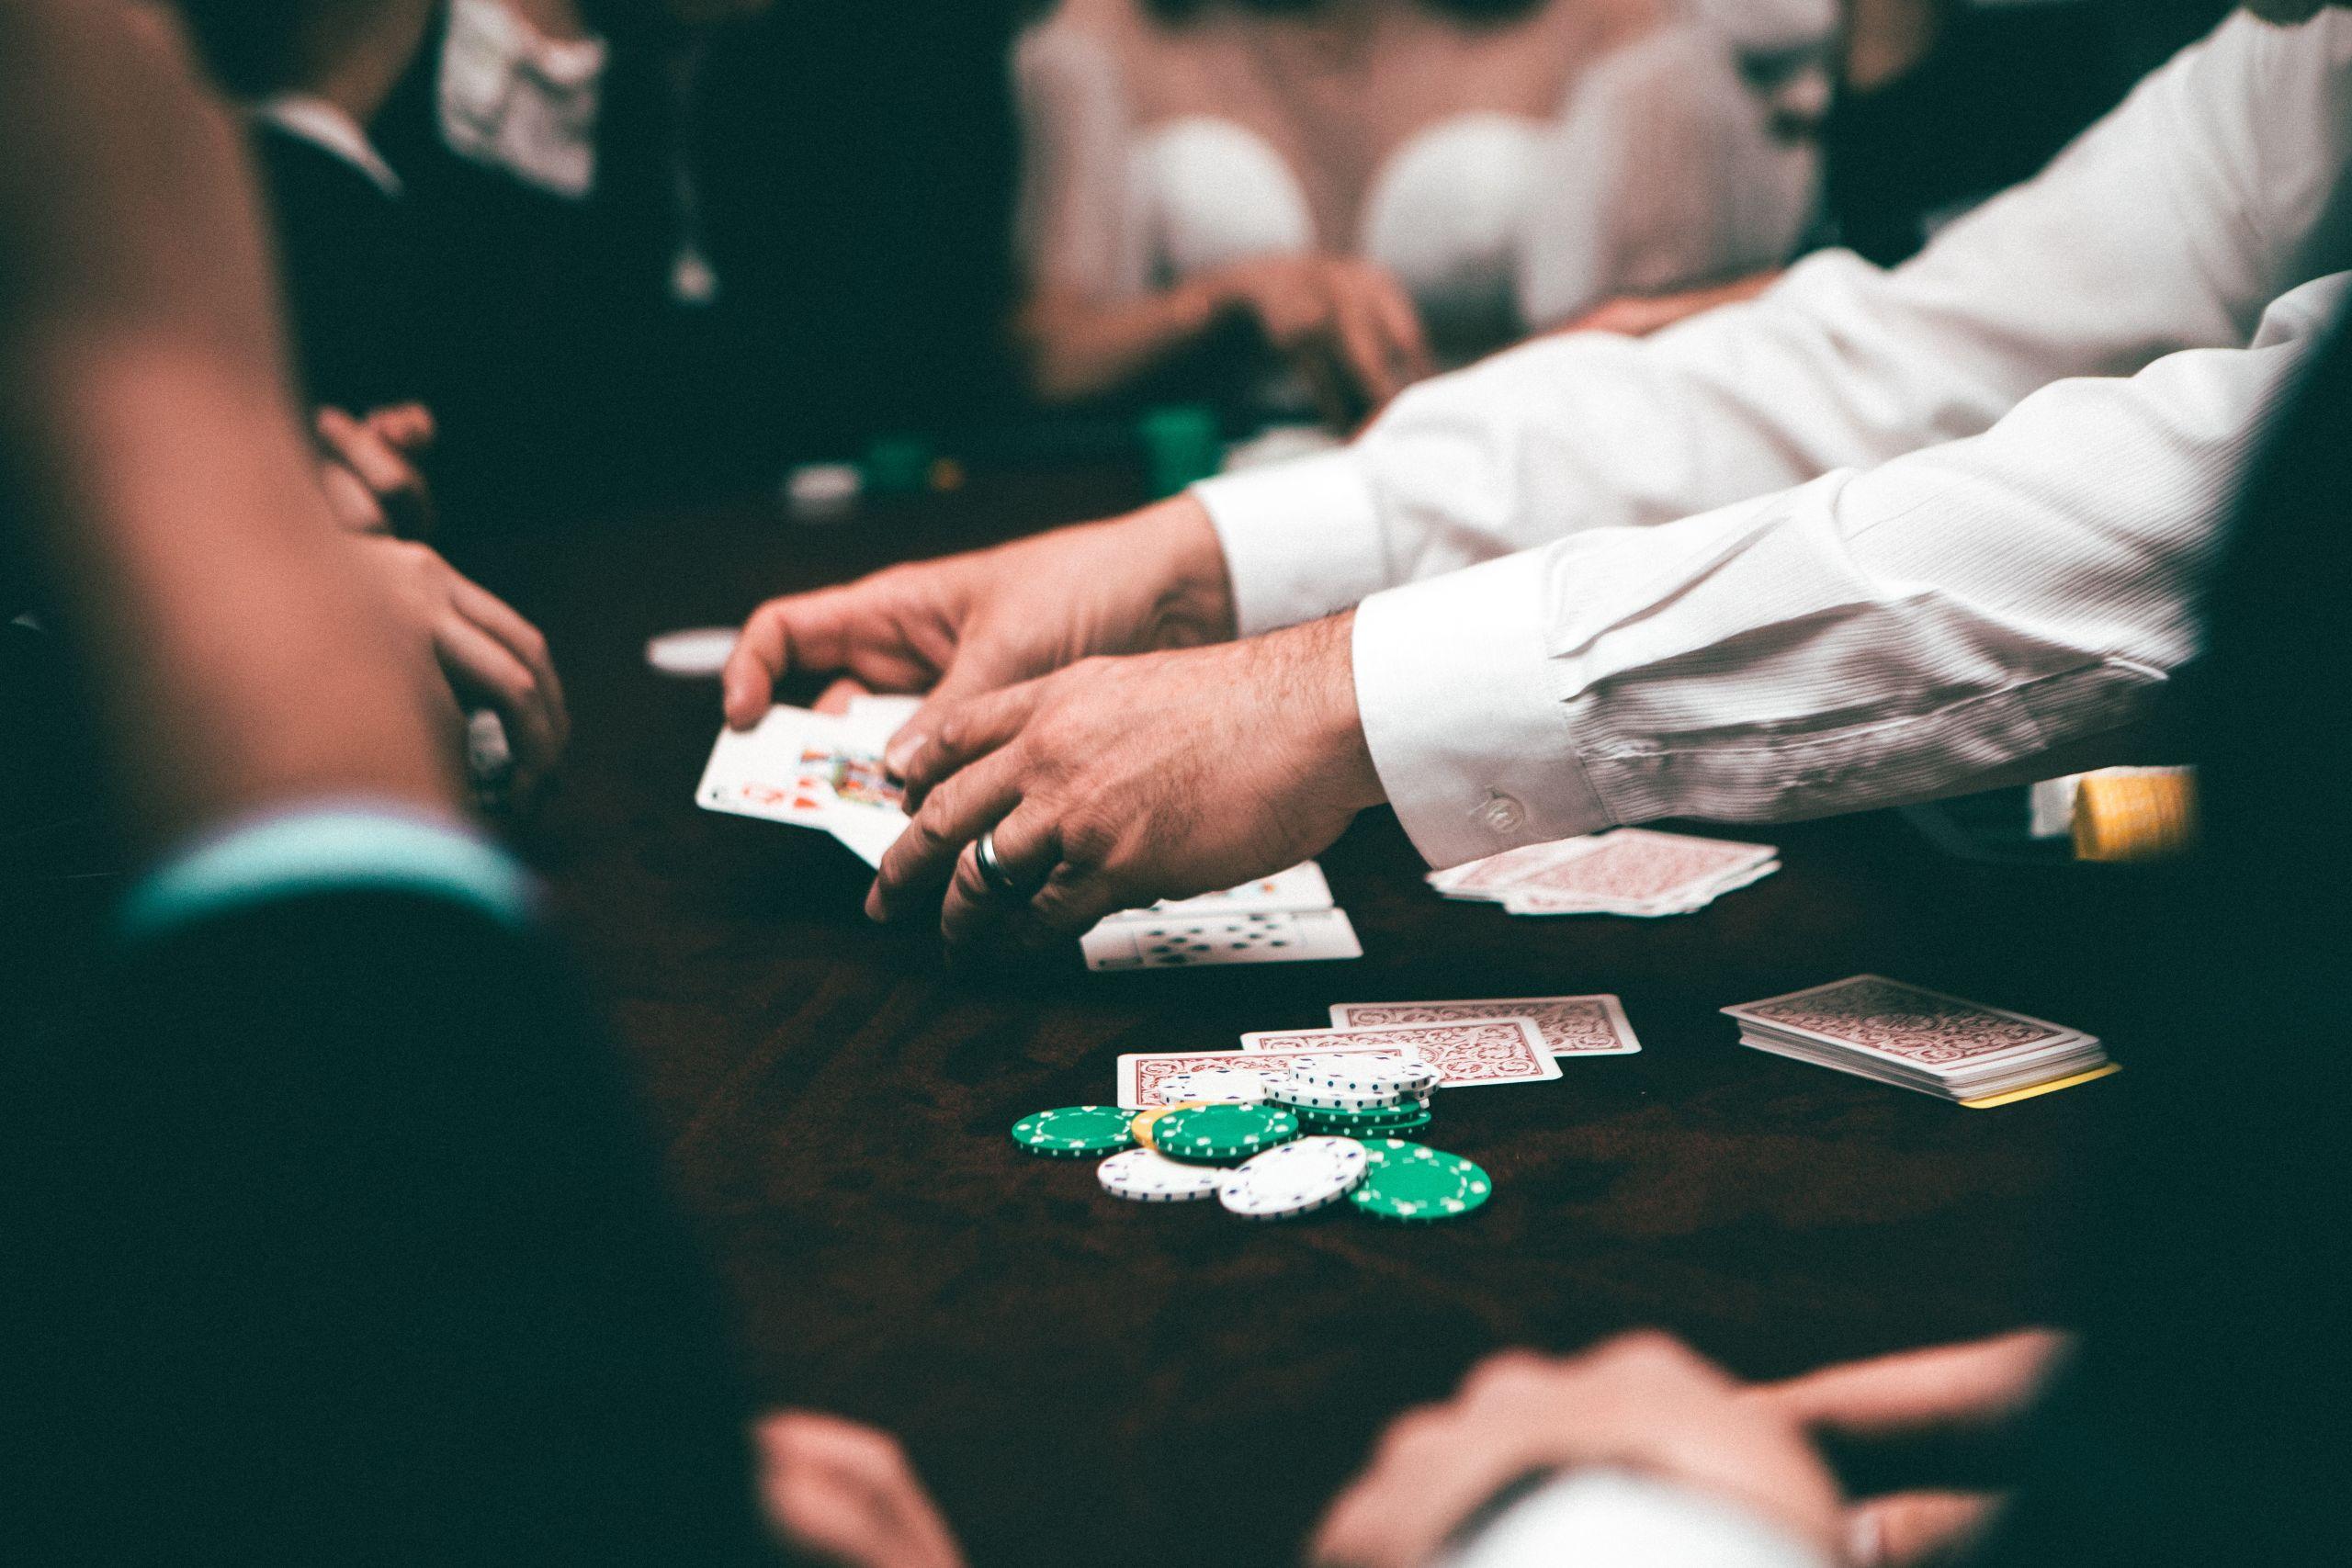 Casinos in India